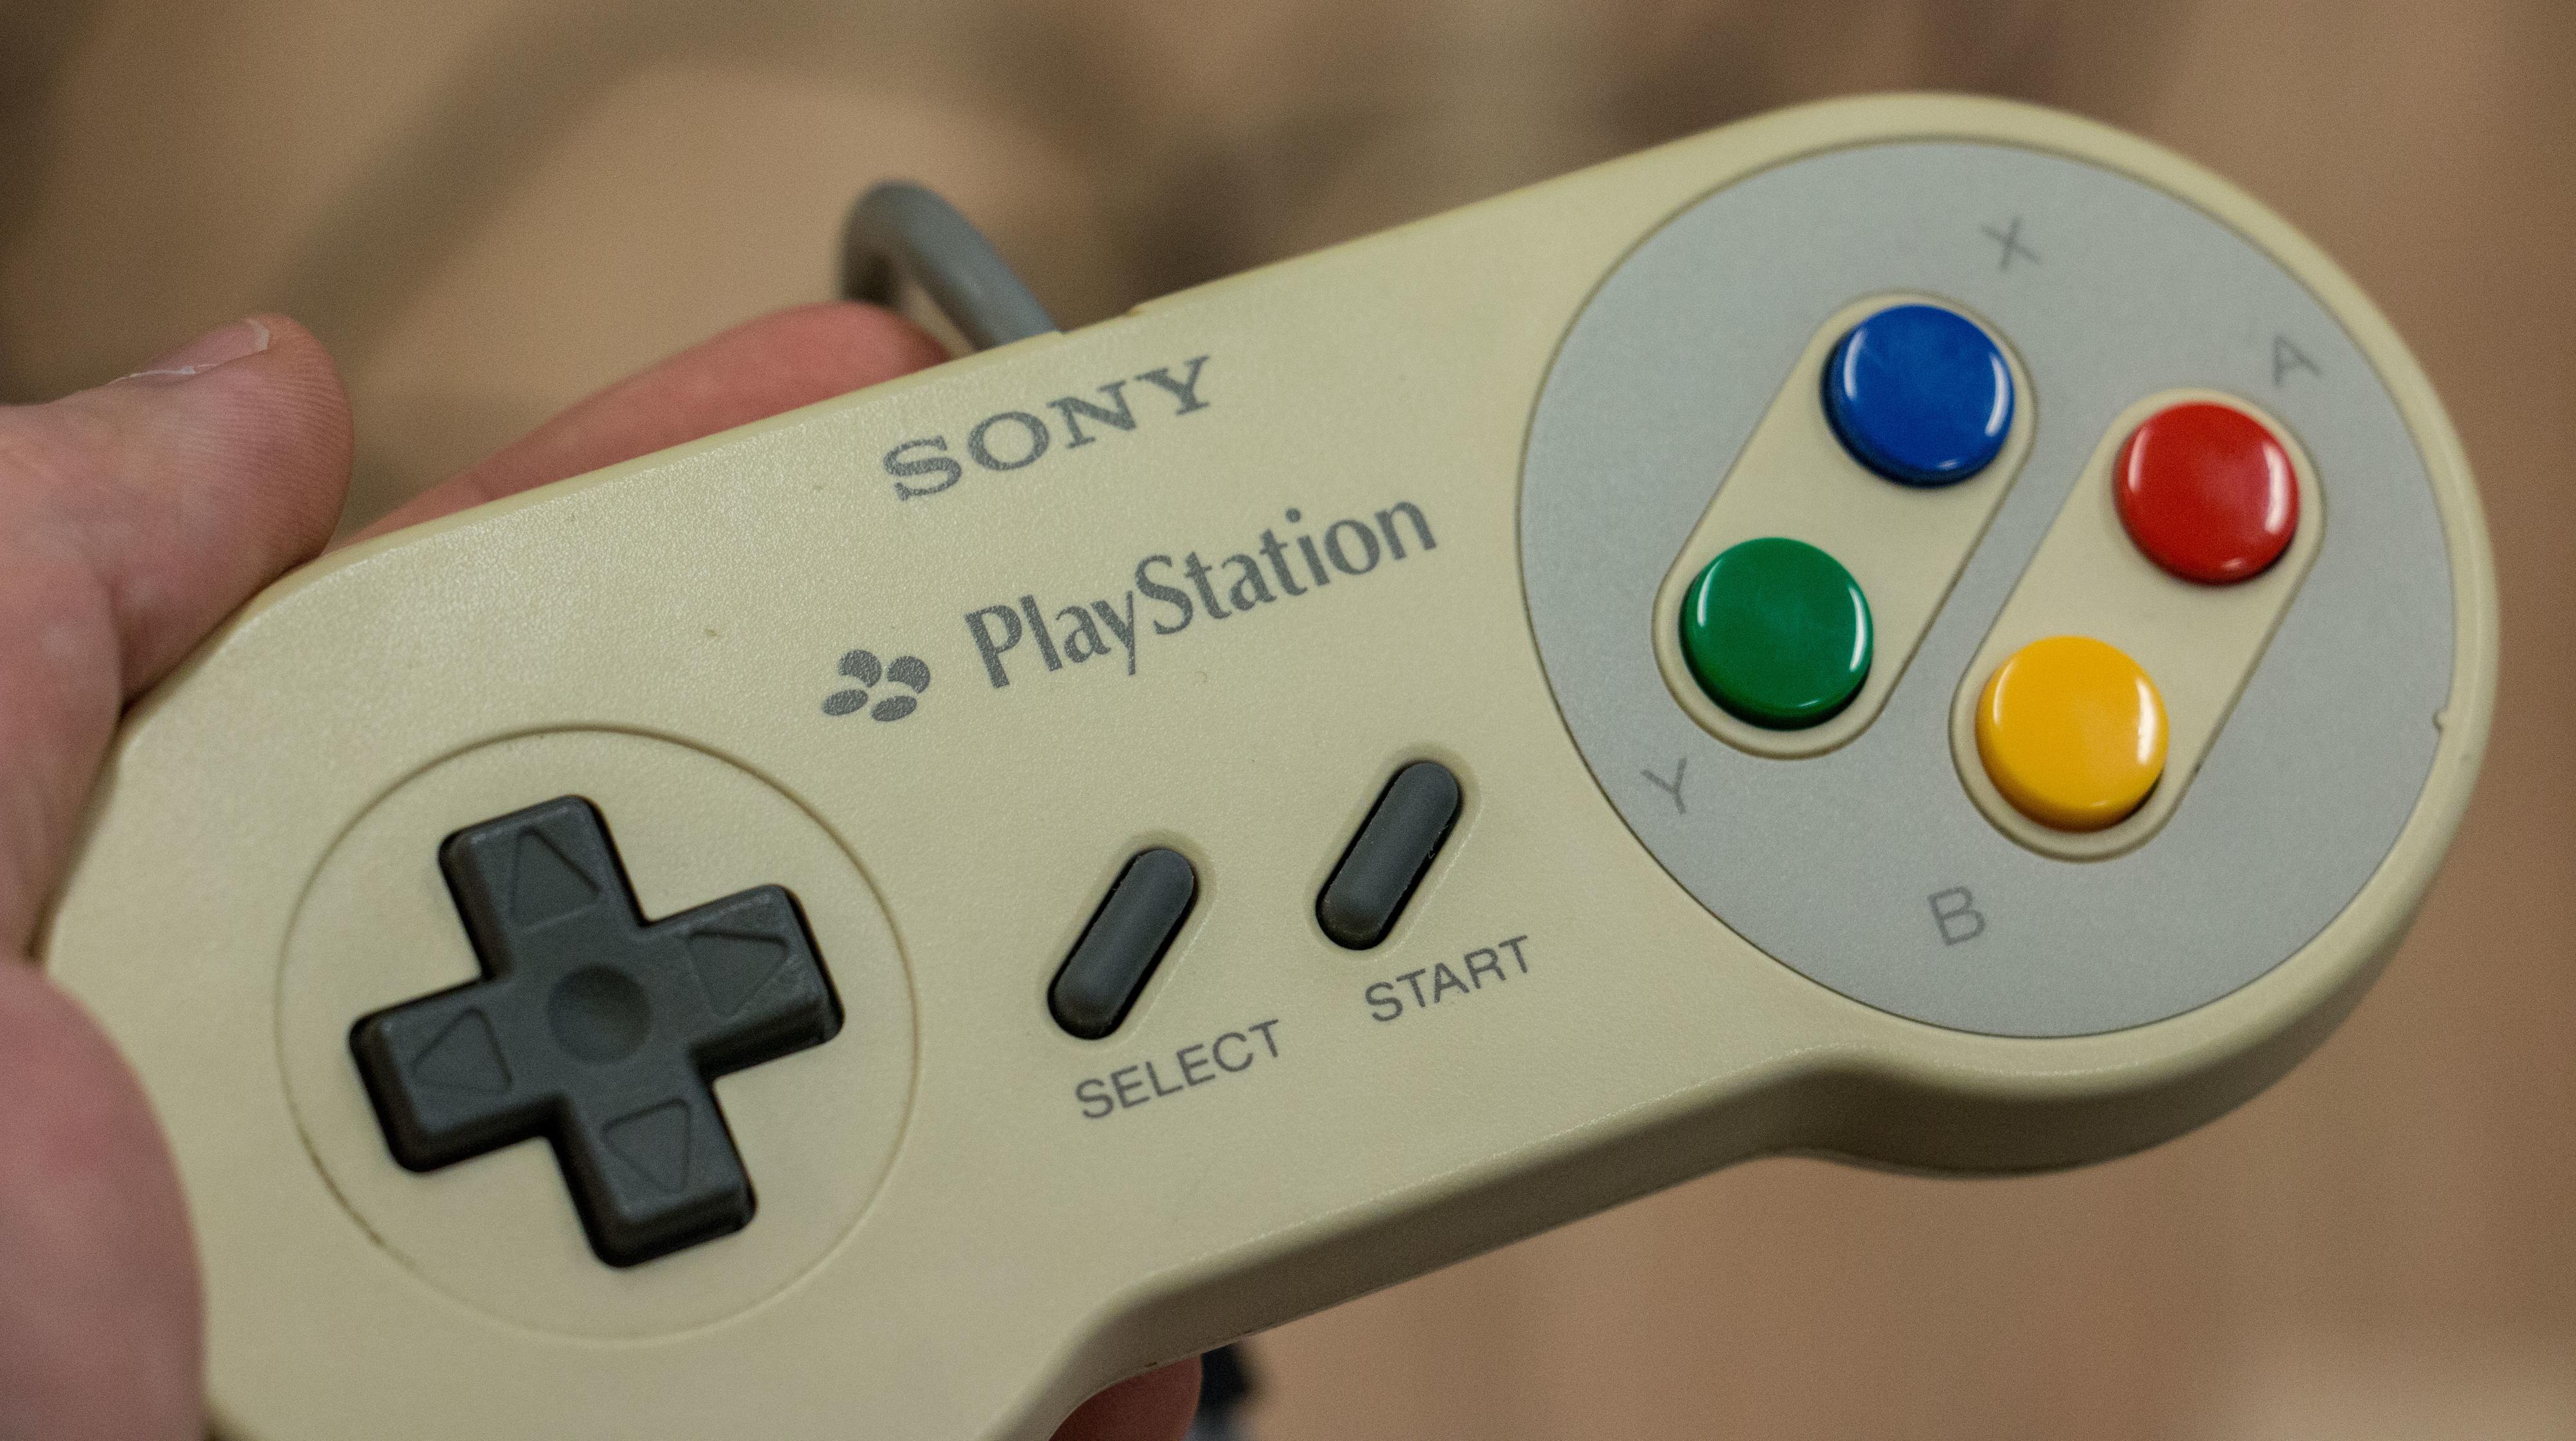 Ved første øyekast ser det kanskje ut som en vanlig SNES-kontroller, helt til du ser logoene. Dette er trolig det første produktet med en PlayStation-logo.